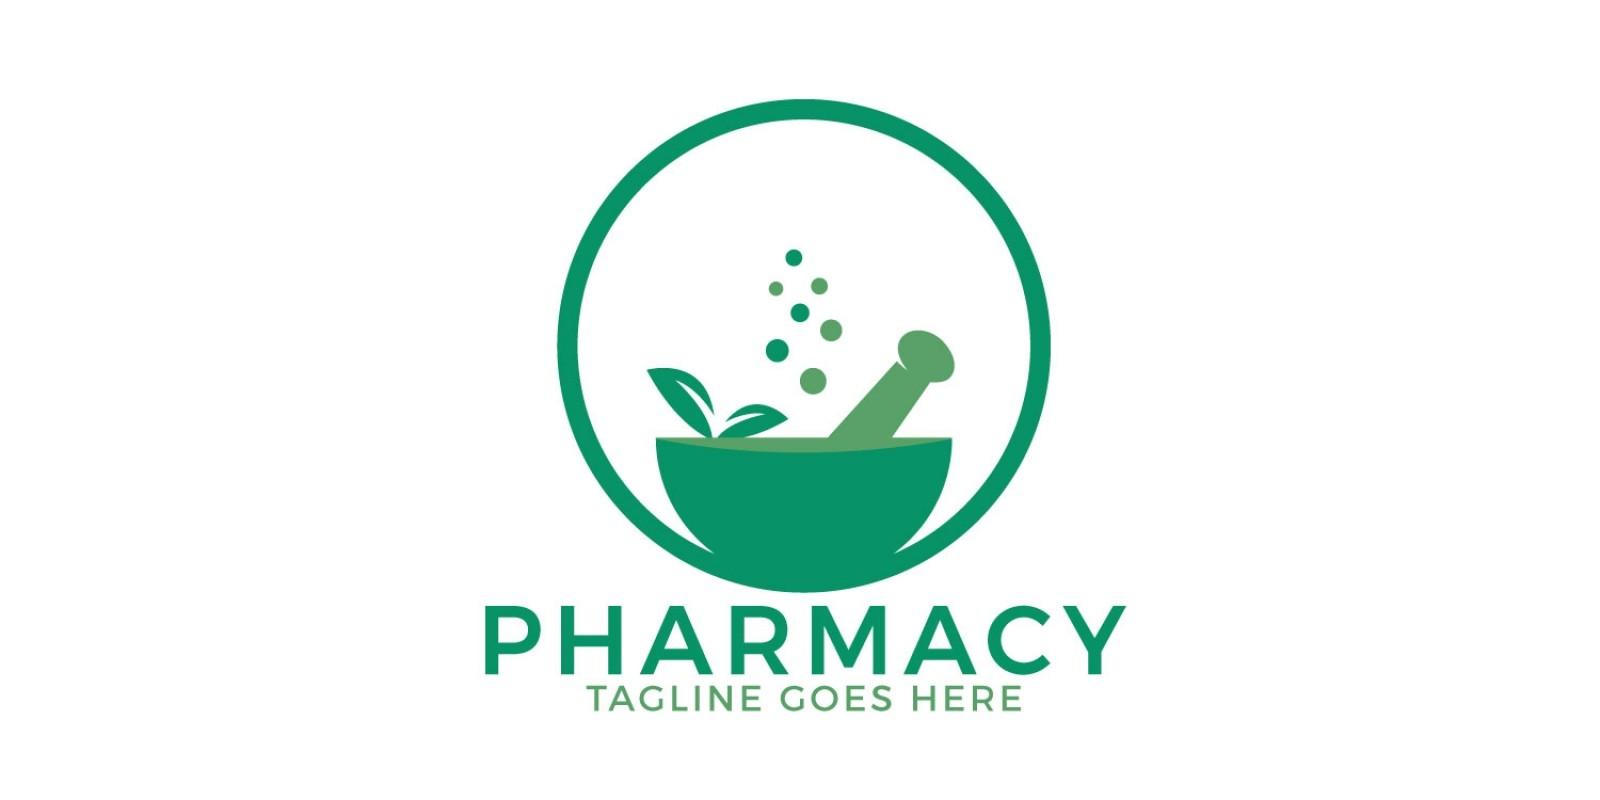 Pharmacy medical Logo Design.